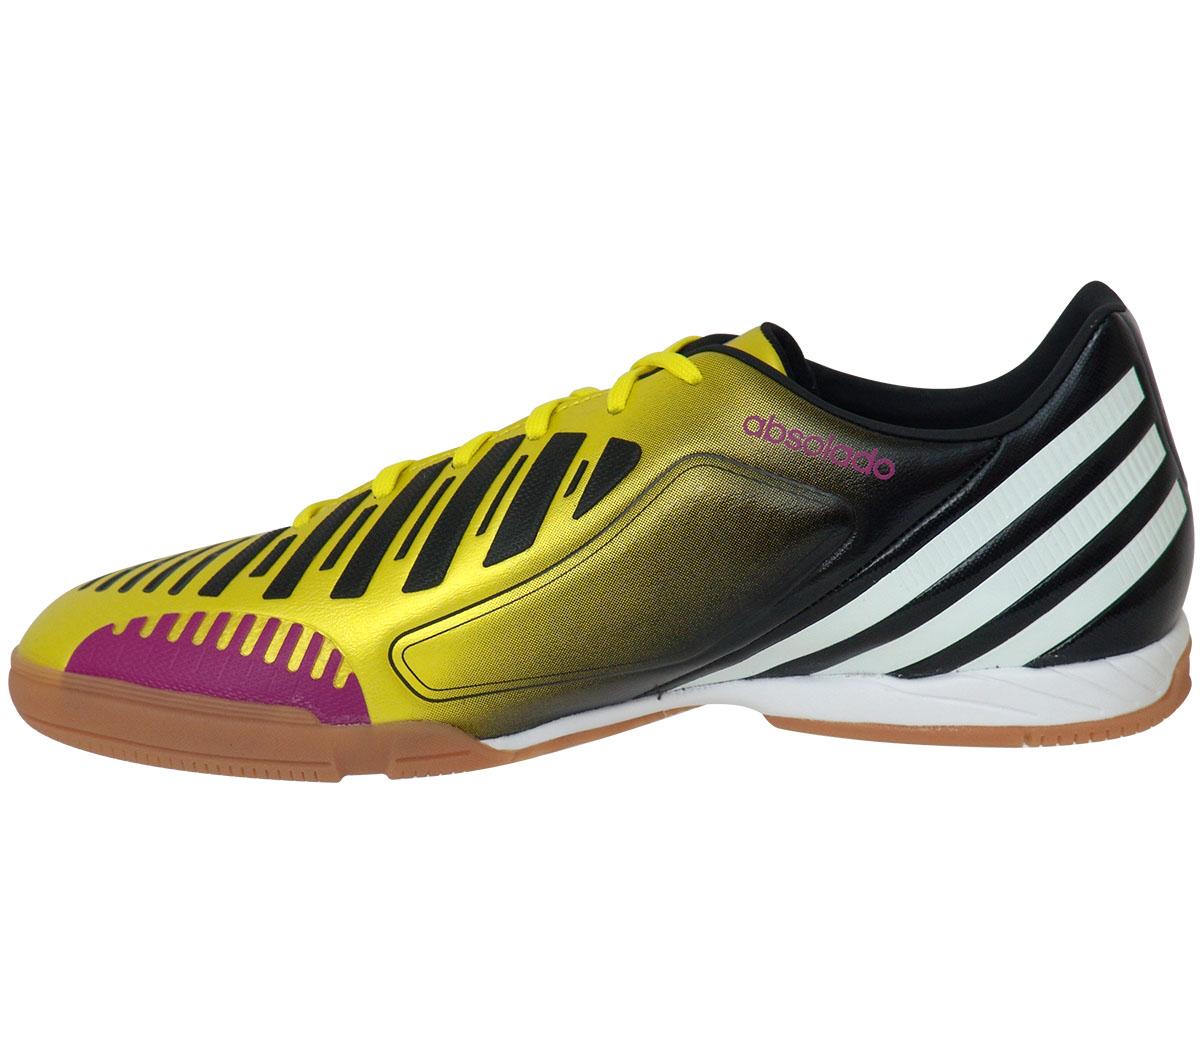 d081bdc764 Tênis Adidas Absolado LZ Futsal Amarelo e Preto - Mundo do Futebol